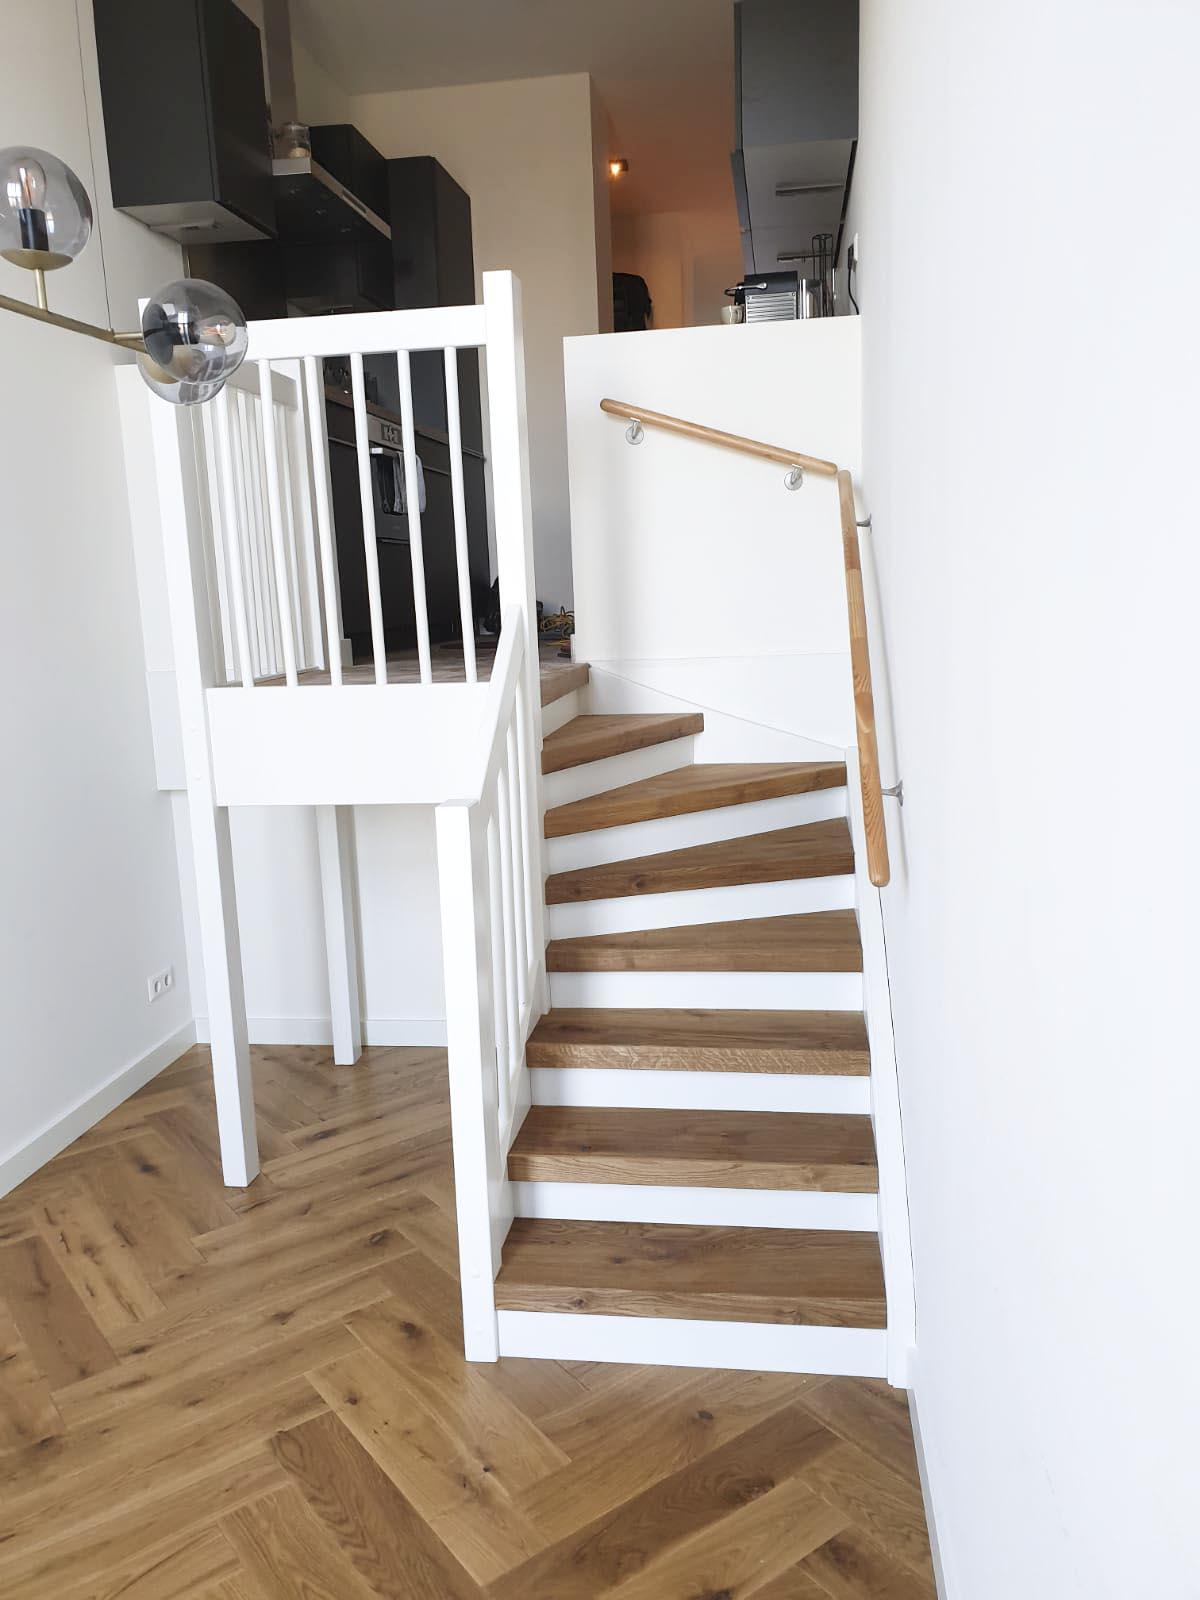 Visgraat-vloer-Amsterdam-beneden